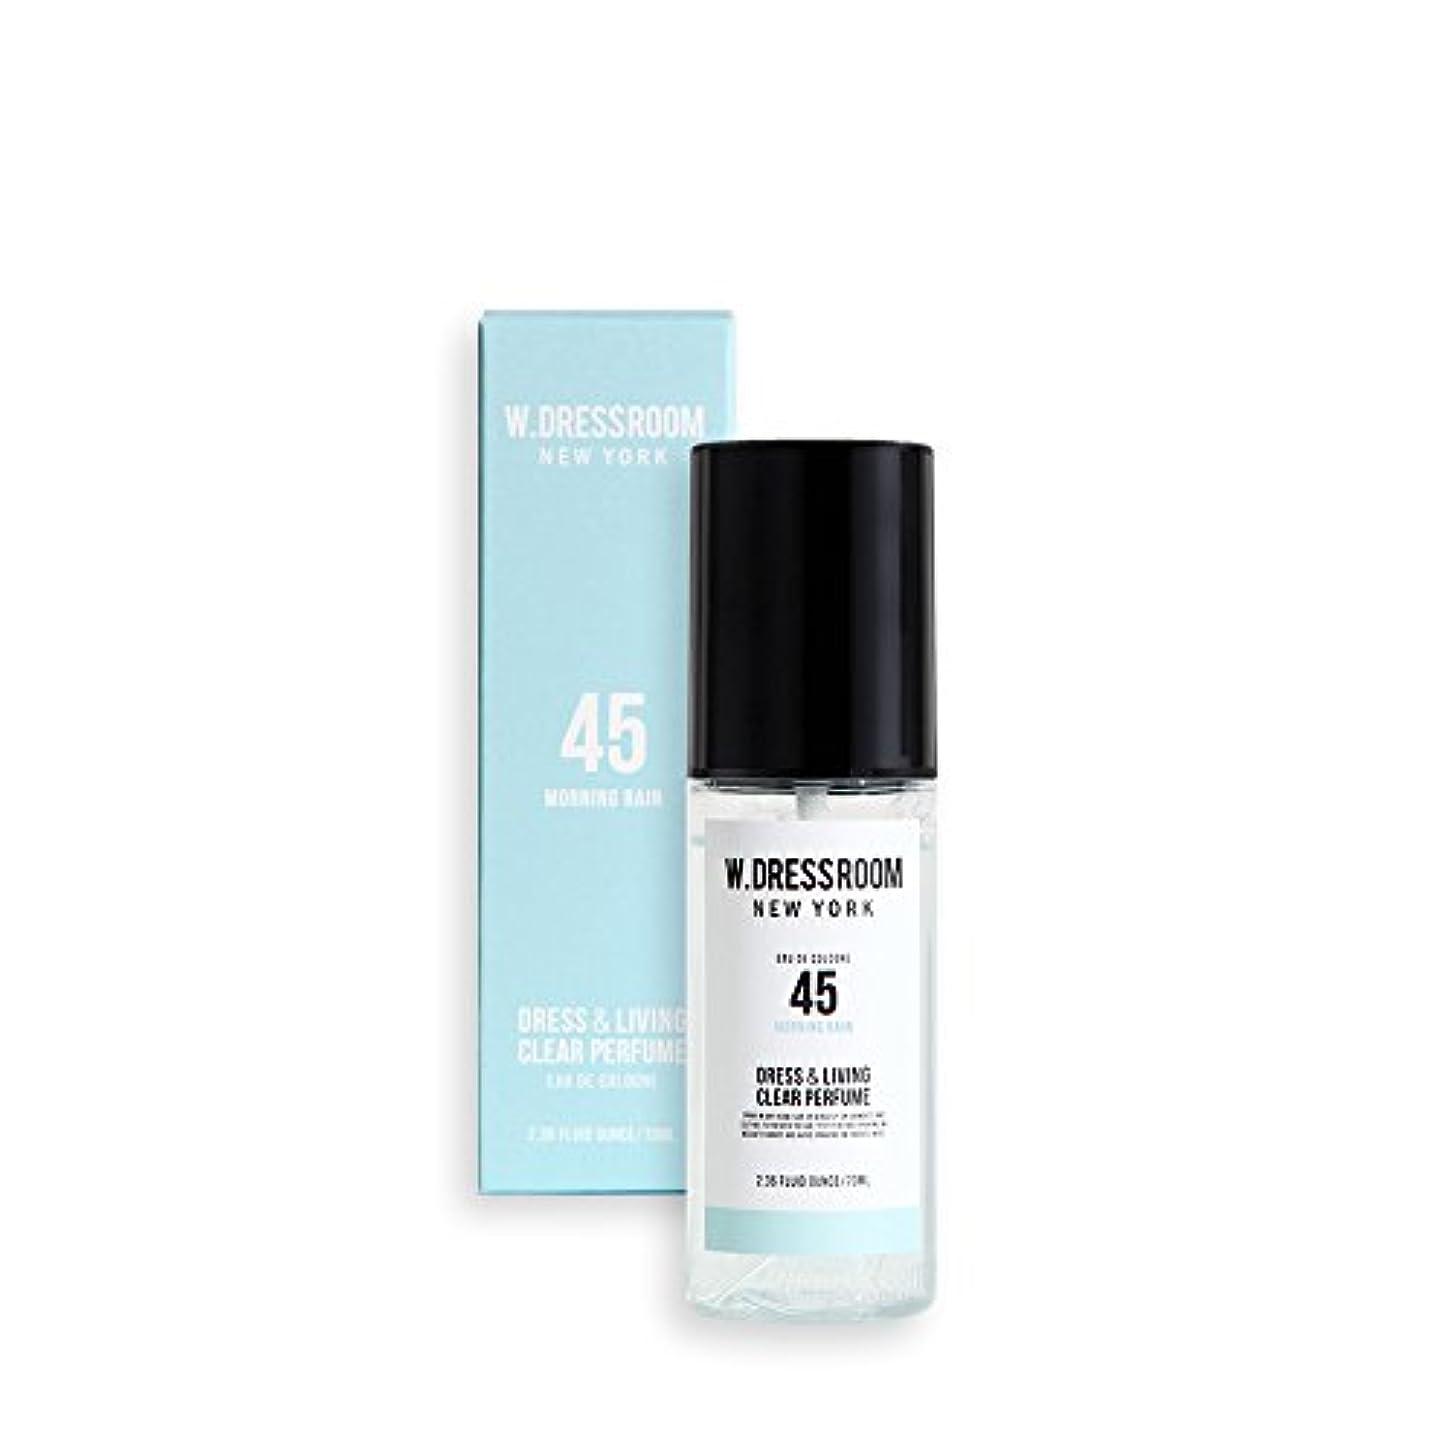 クマノミ高架服W.DRESSROOM Dress & Living Clear Perfume 70ml/ダブルドレスルーム ドレス&リビング クリア パフューム 70ml (#No.45 Morning Rain) [並行輸入品]